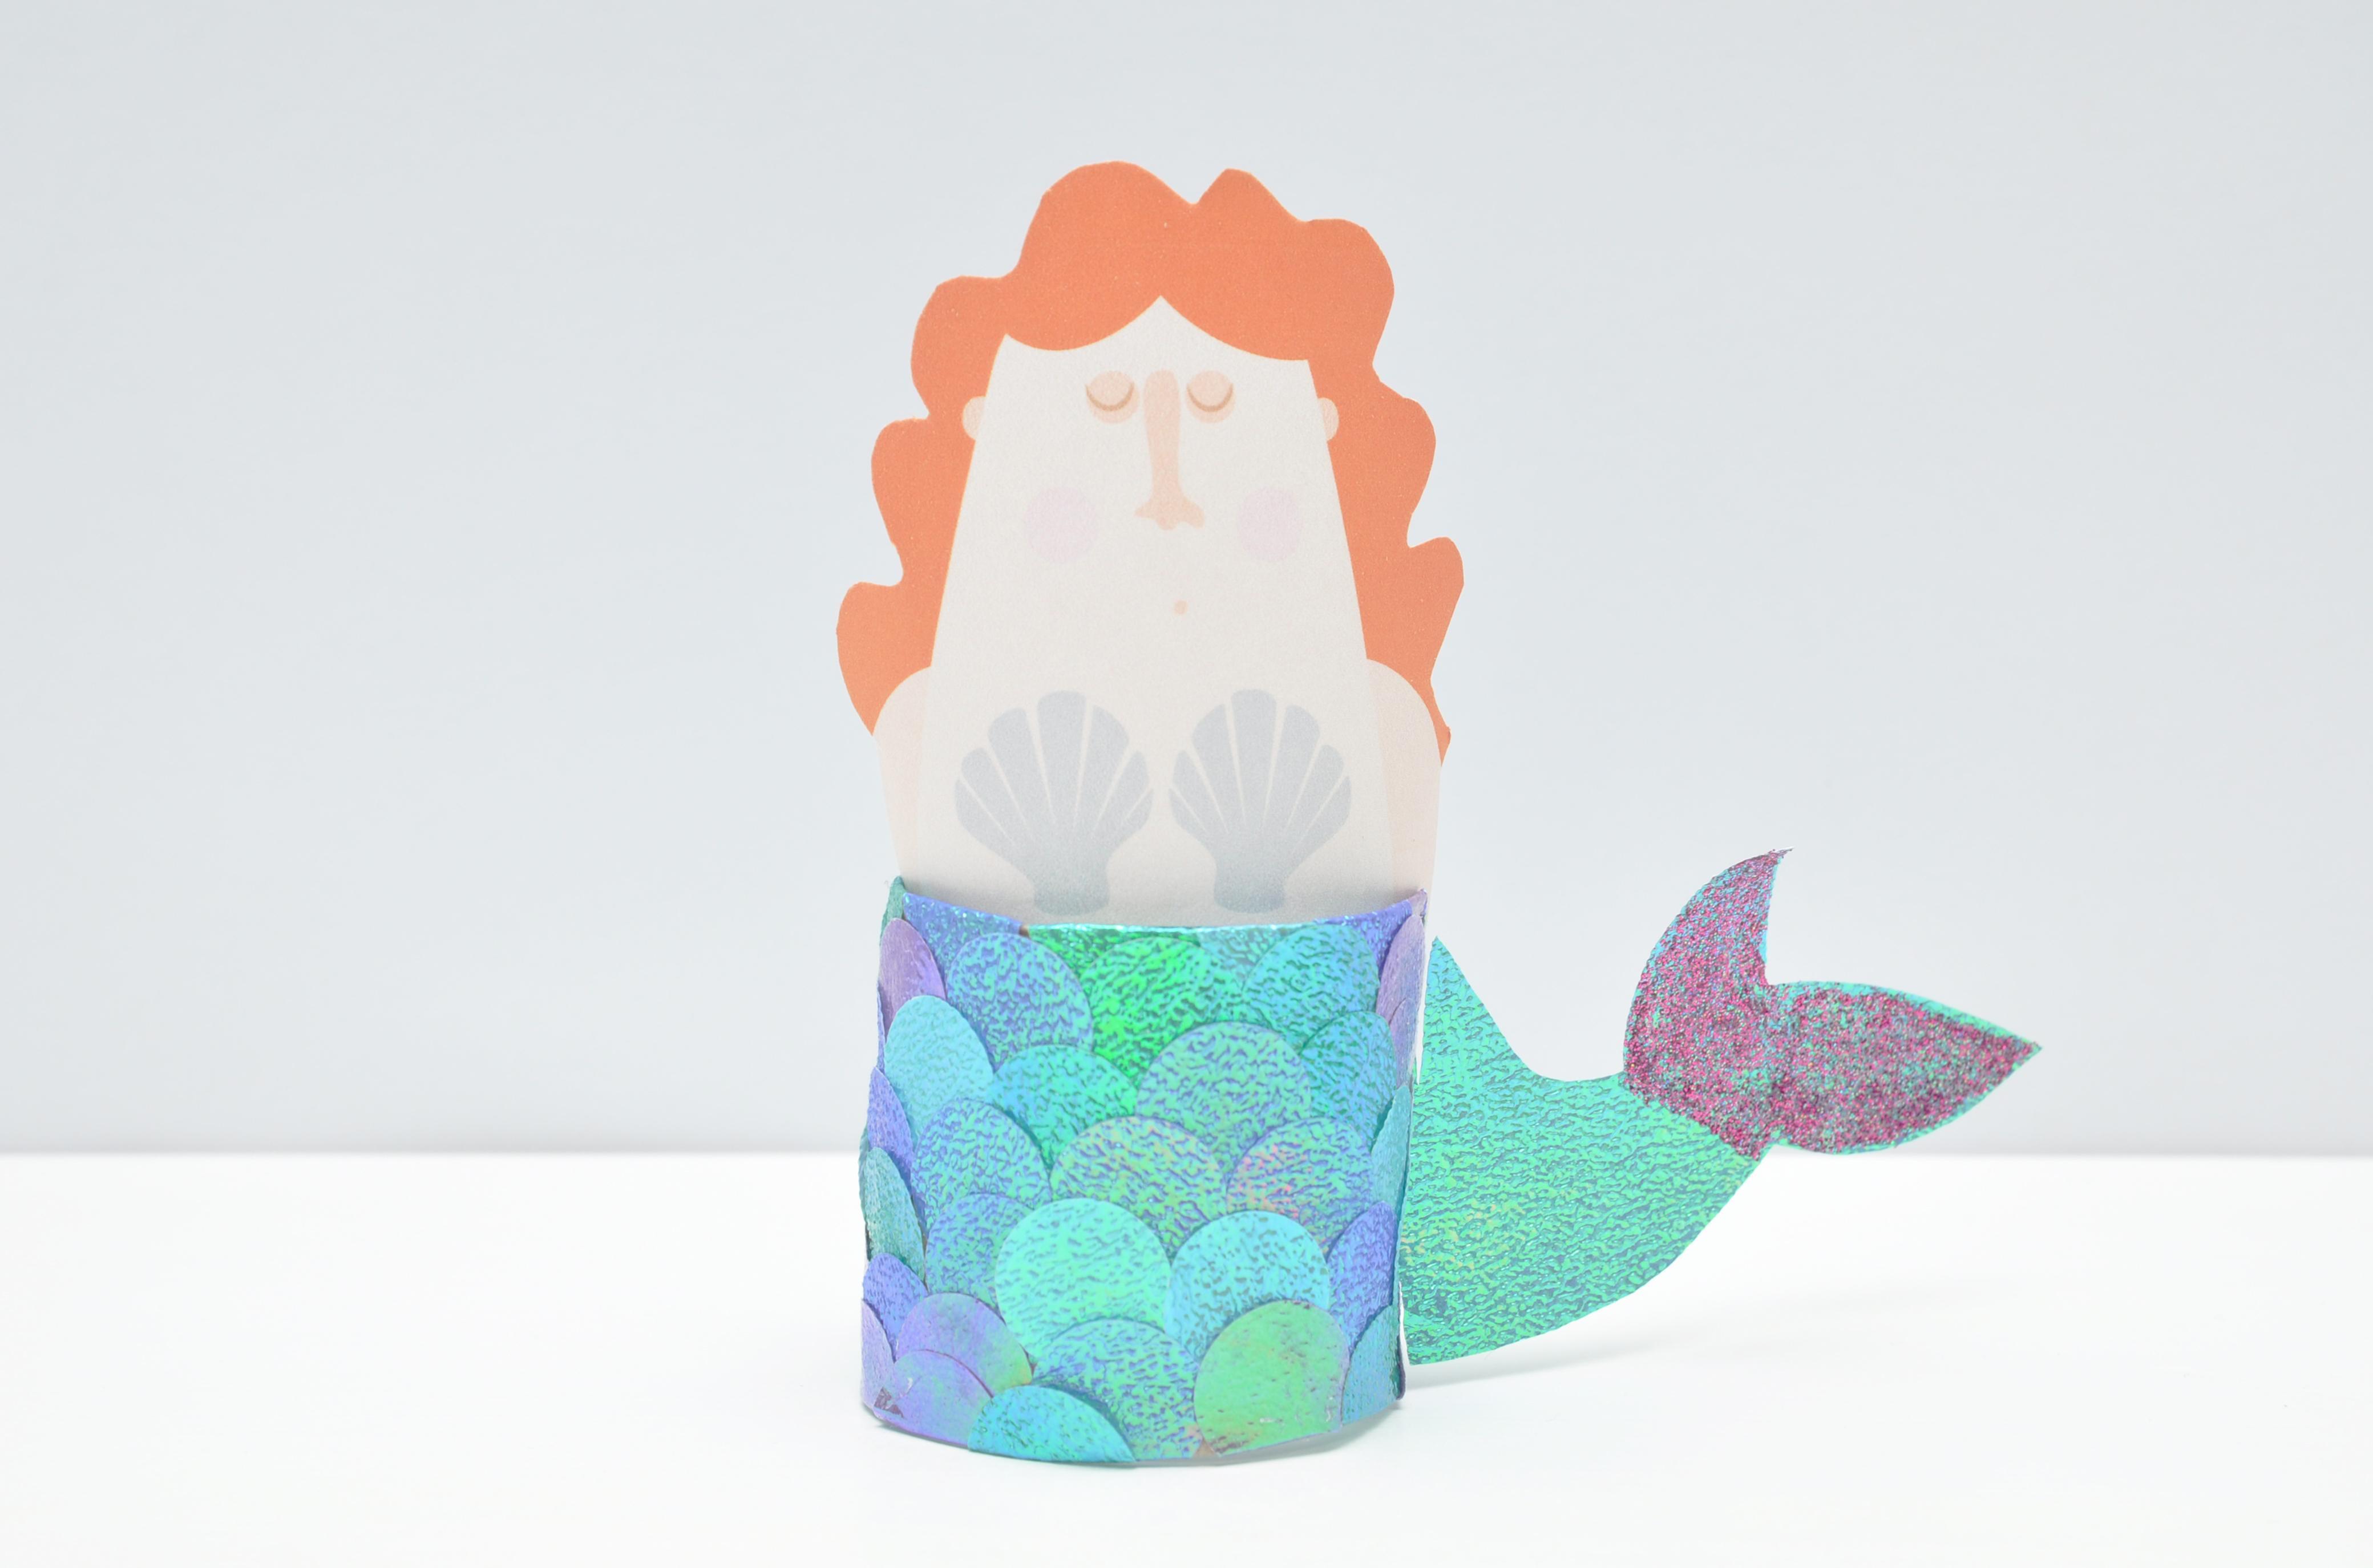 syranka-mermaid-eeboo-ladnebebe-9